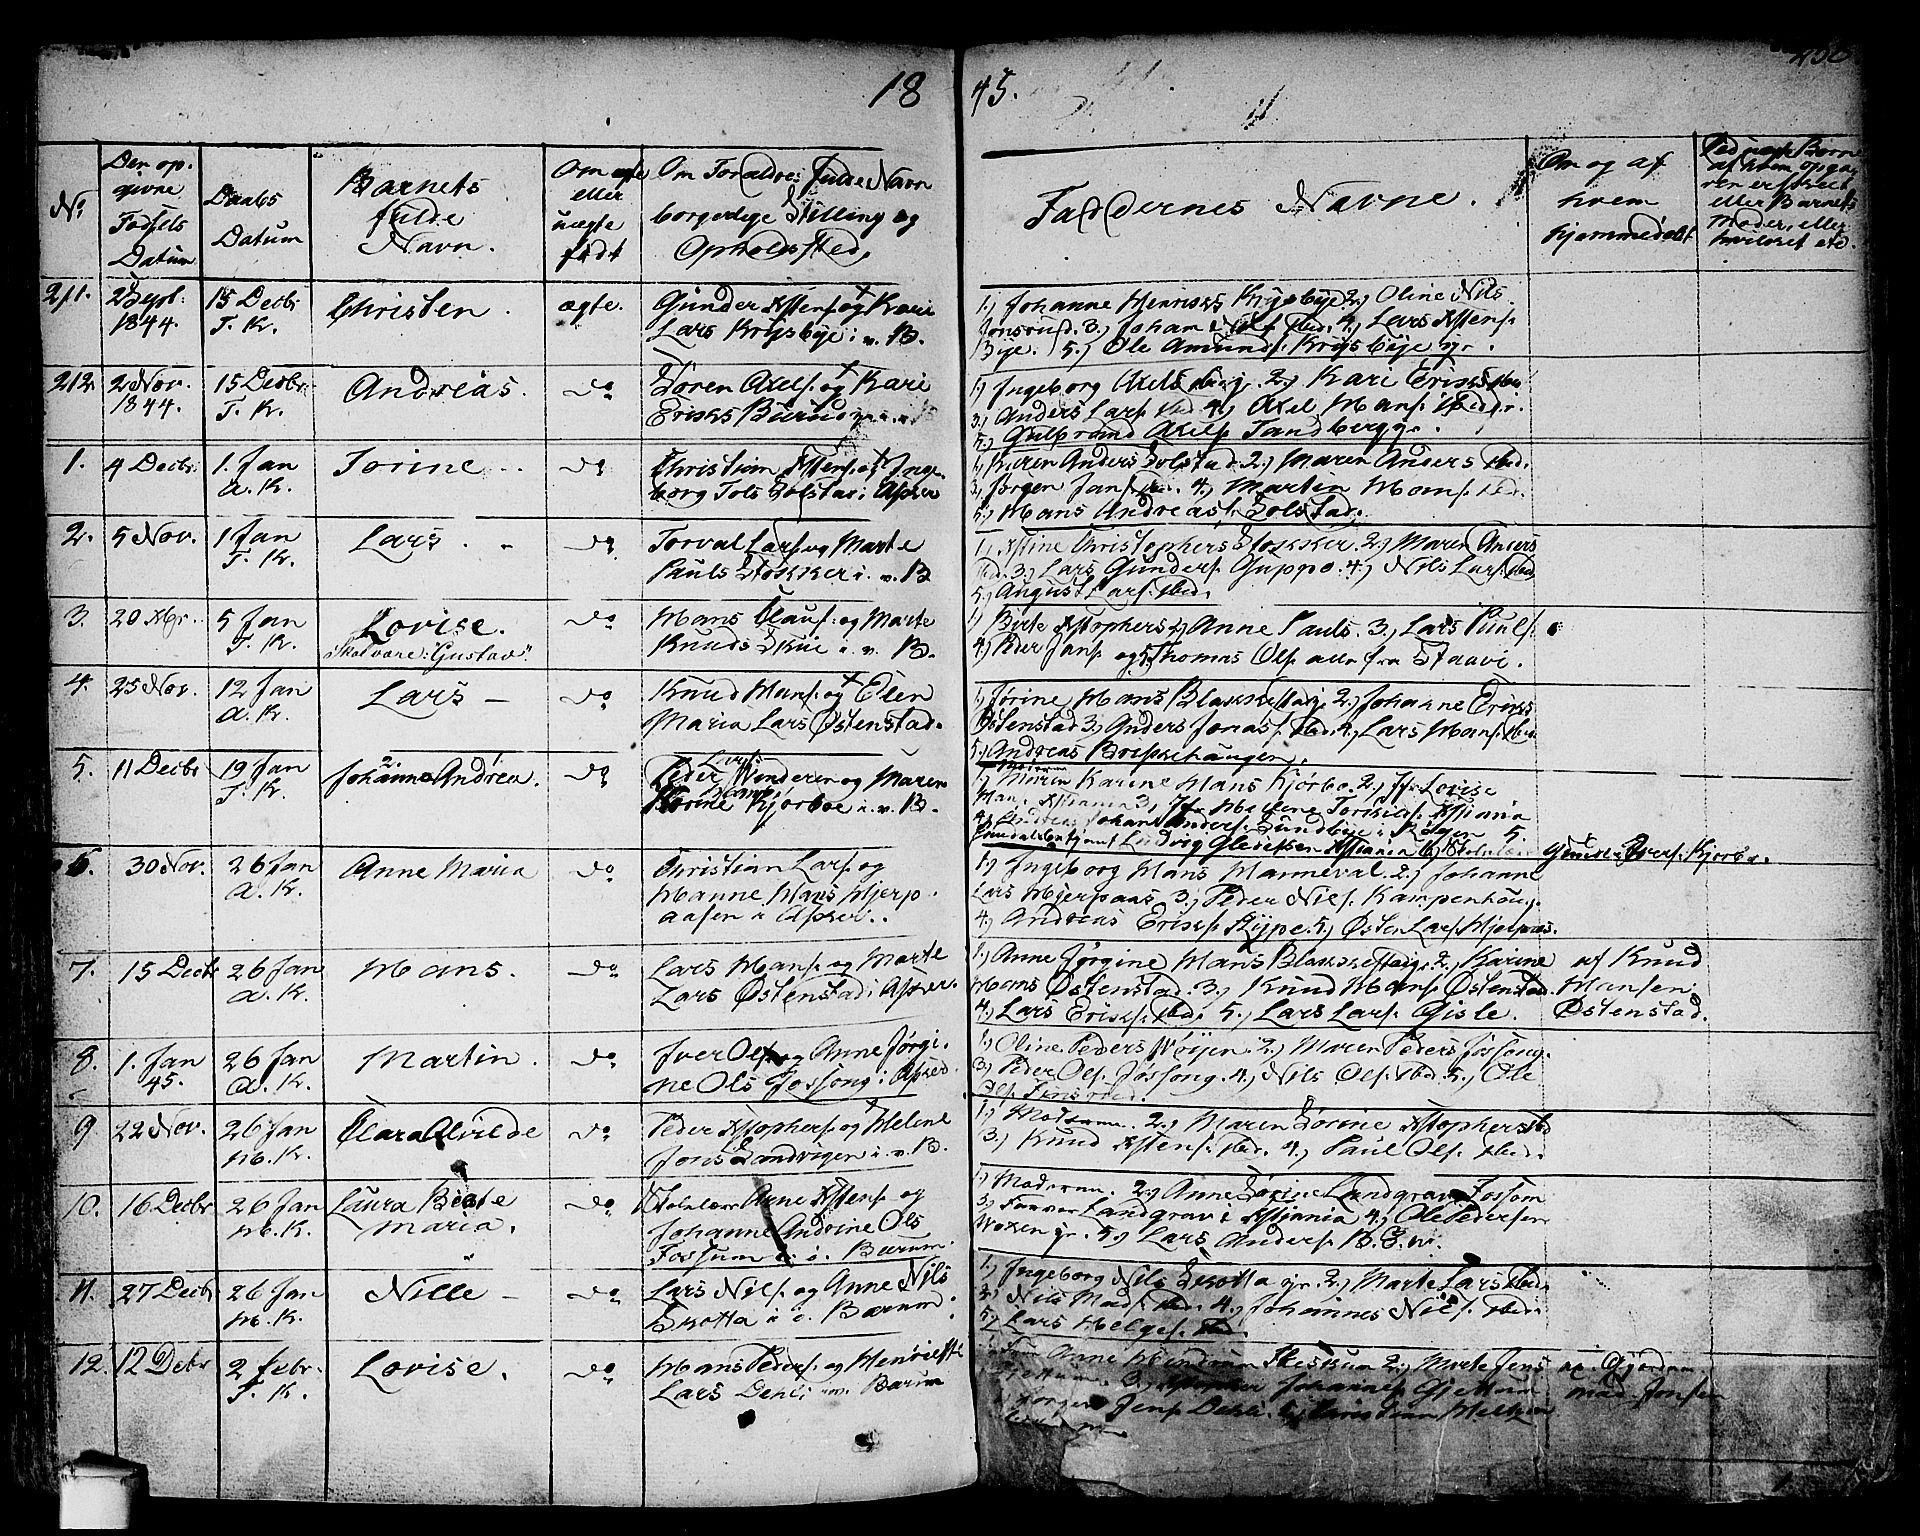 SAO, Asker prestekontor Kirkebøker, F/Fa/L0007: Ministerialbok nr. I 7, 1825-1864, s. 238